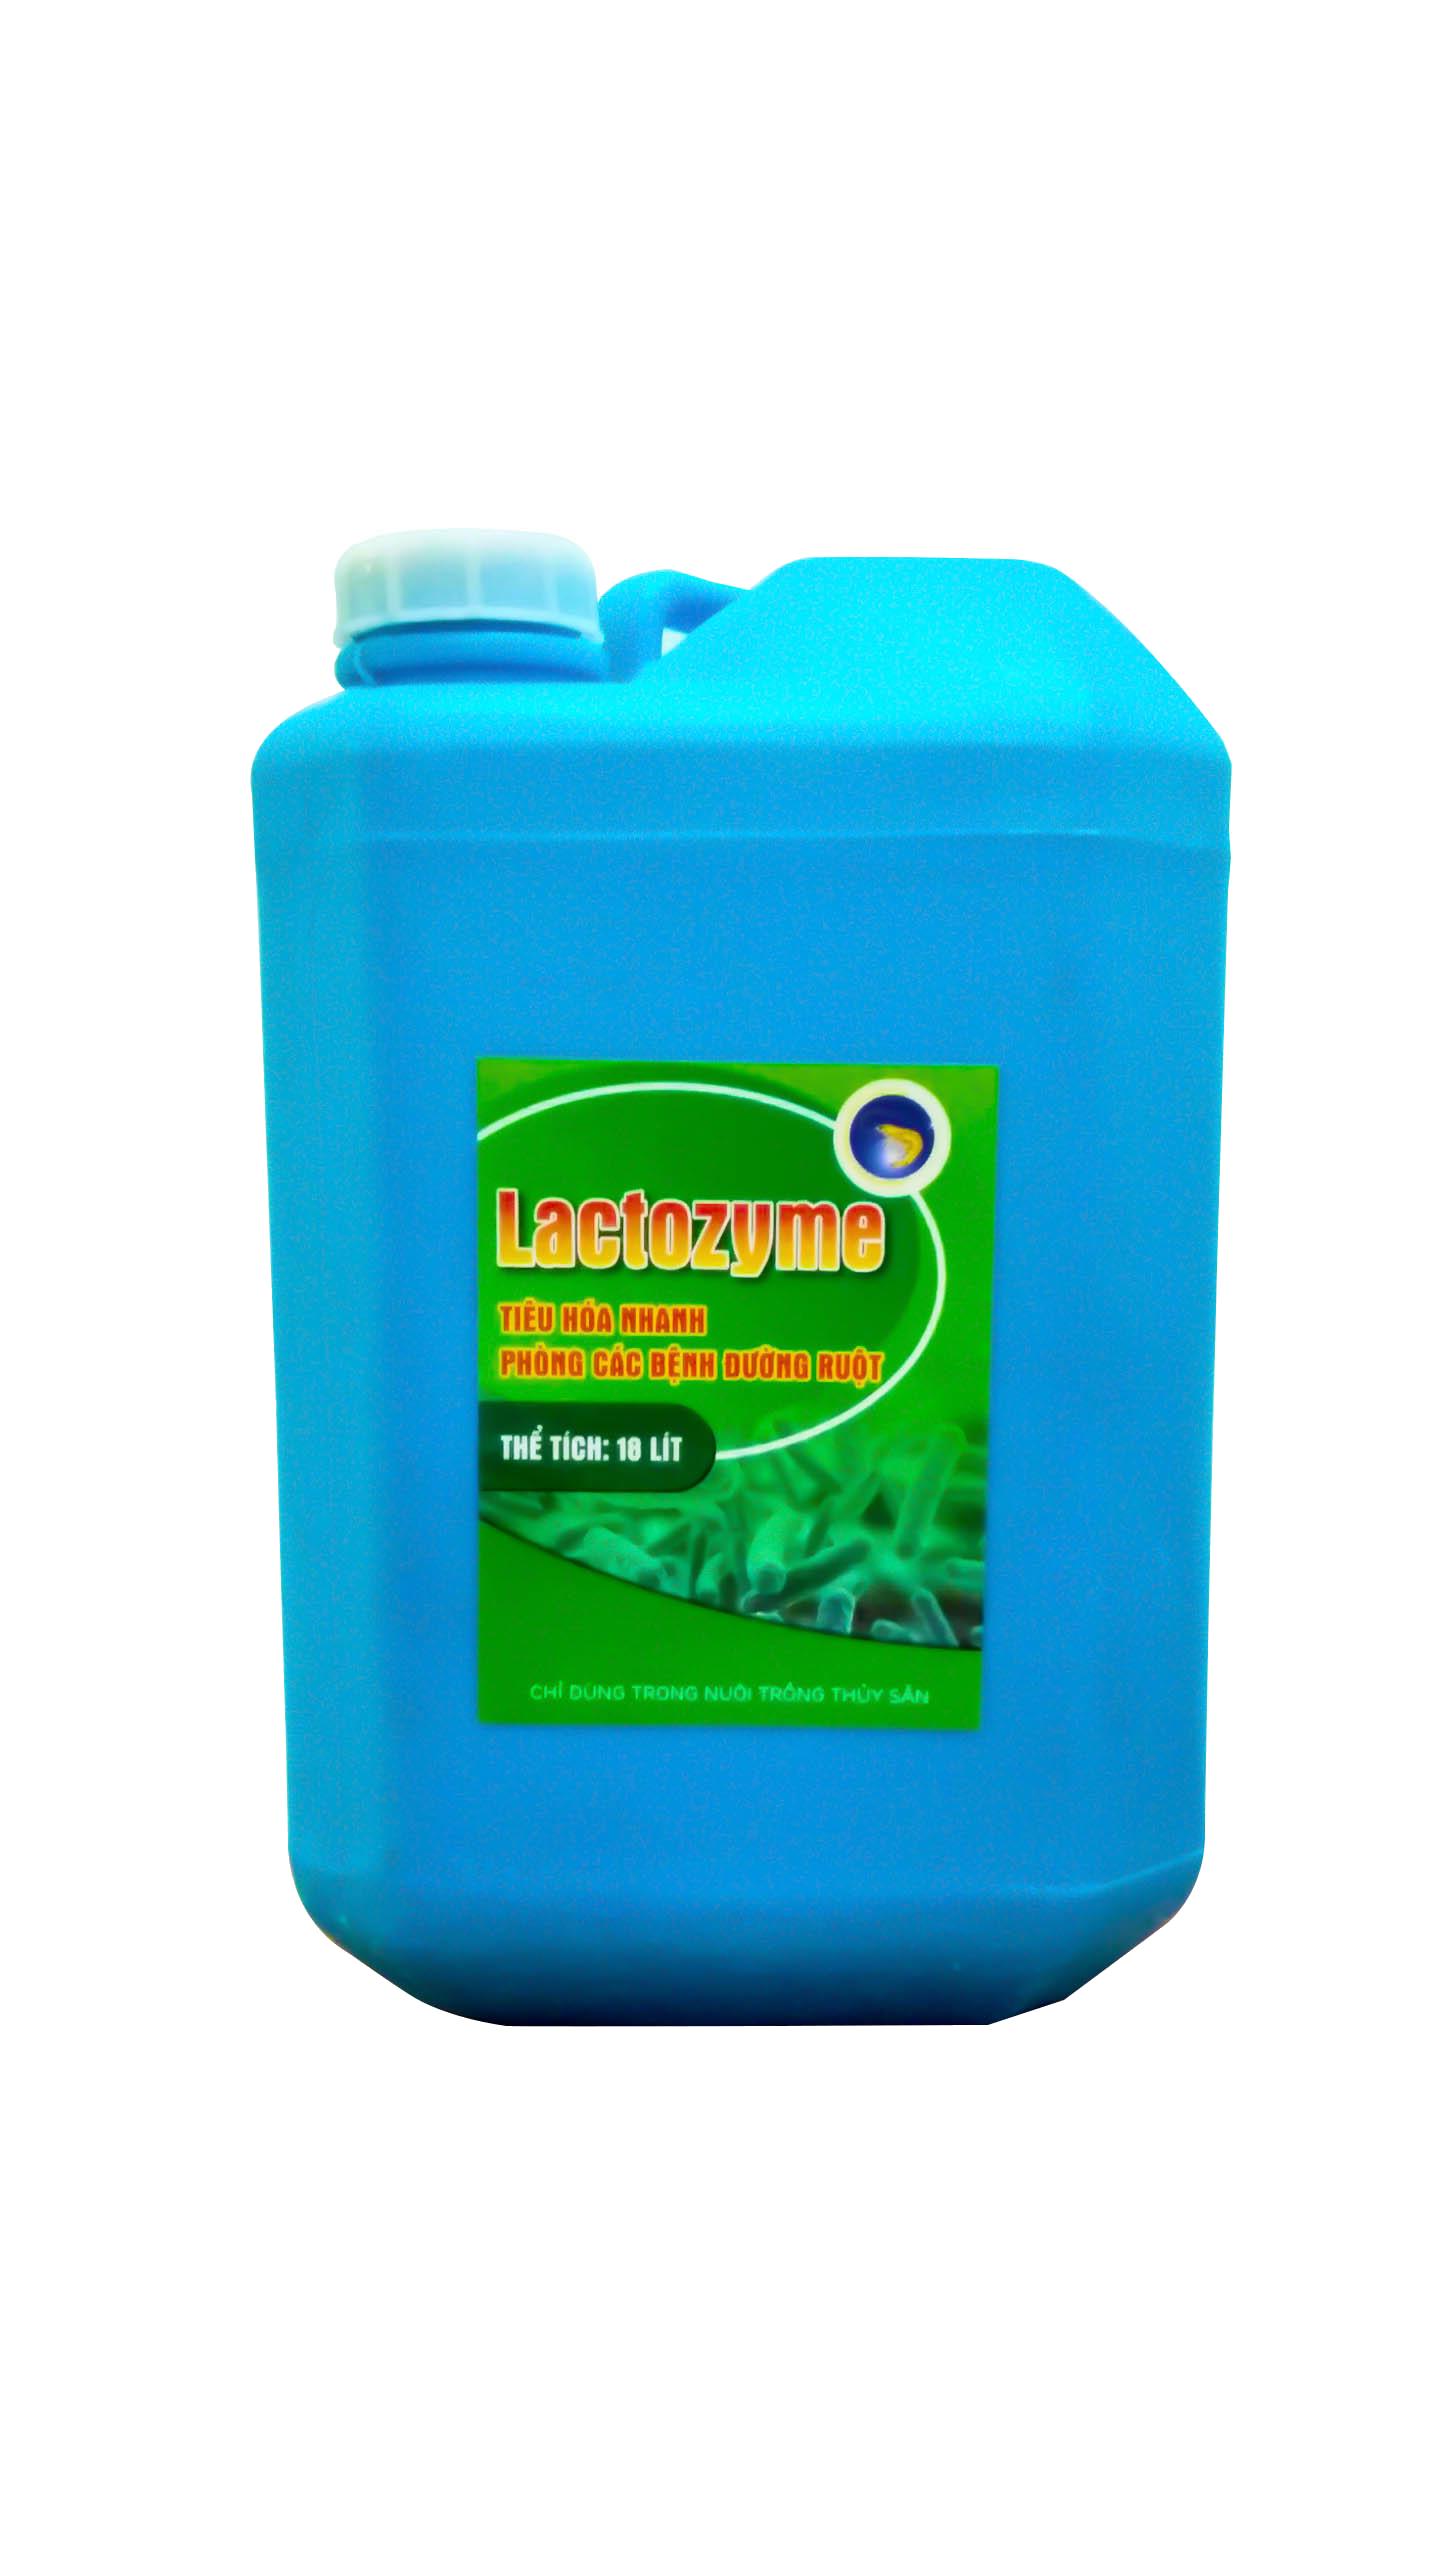 Lactozyme kích thích tôm ăn mạnh phòng trị đục cơ cong thân